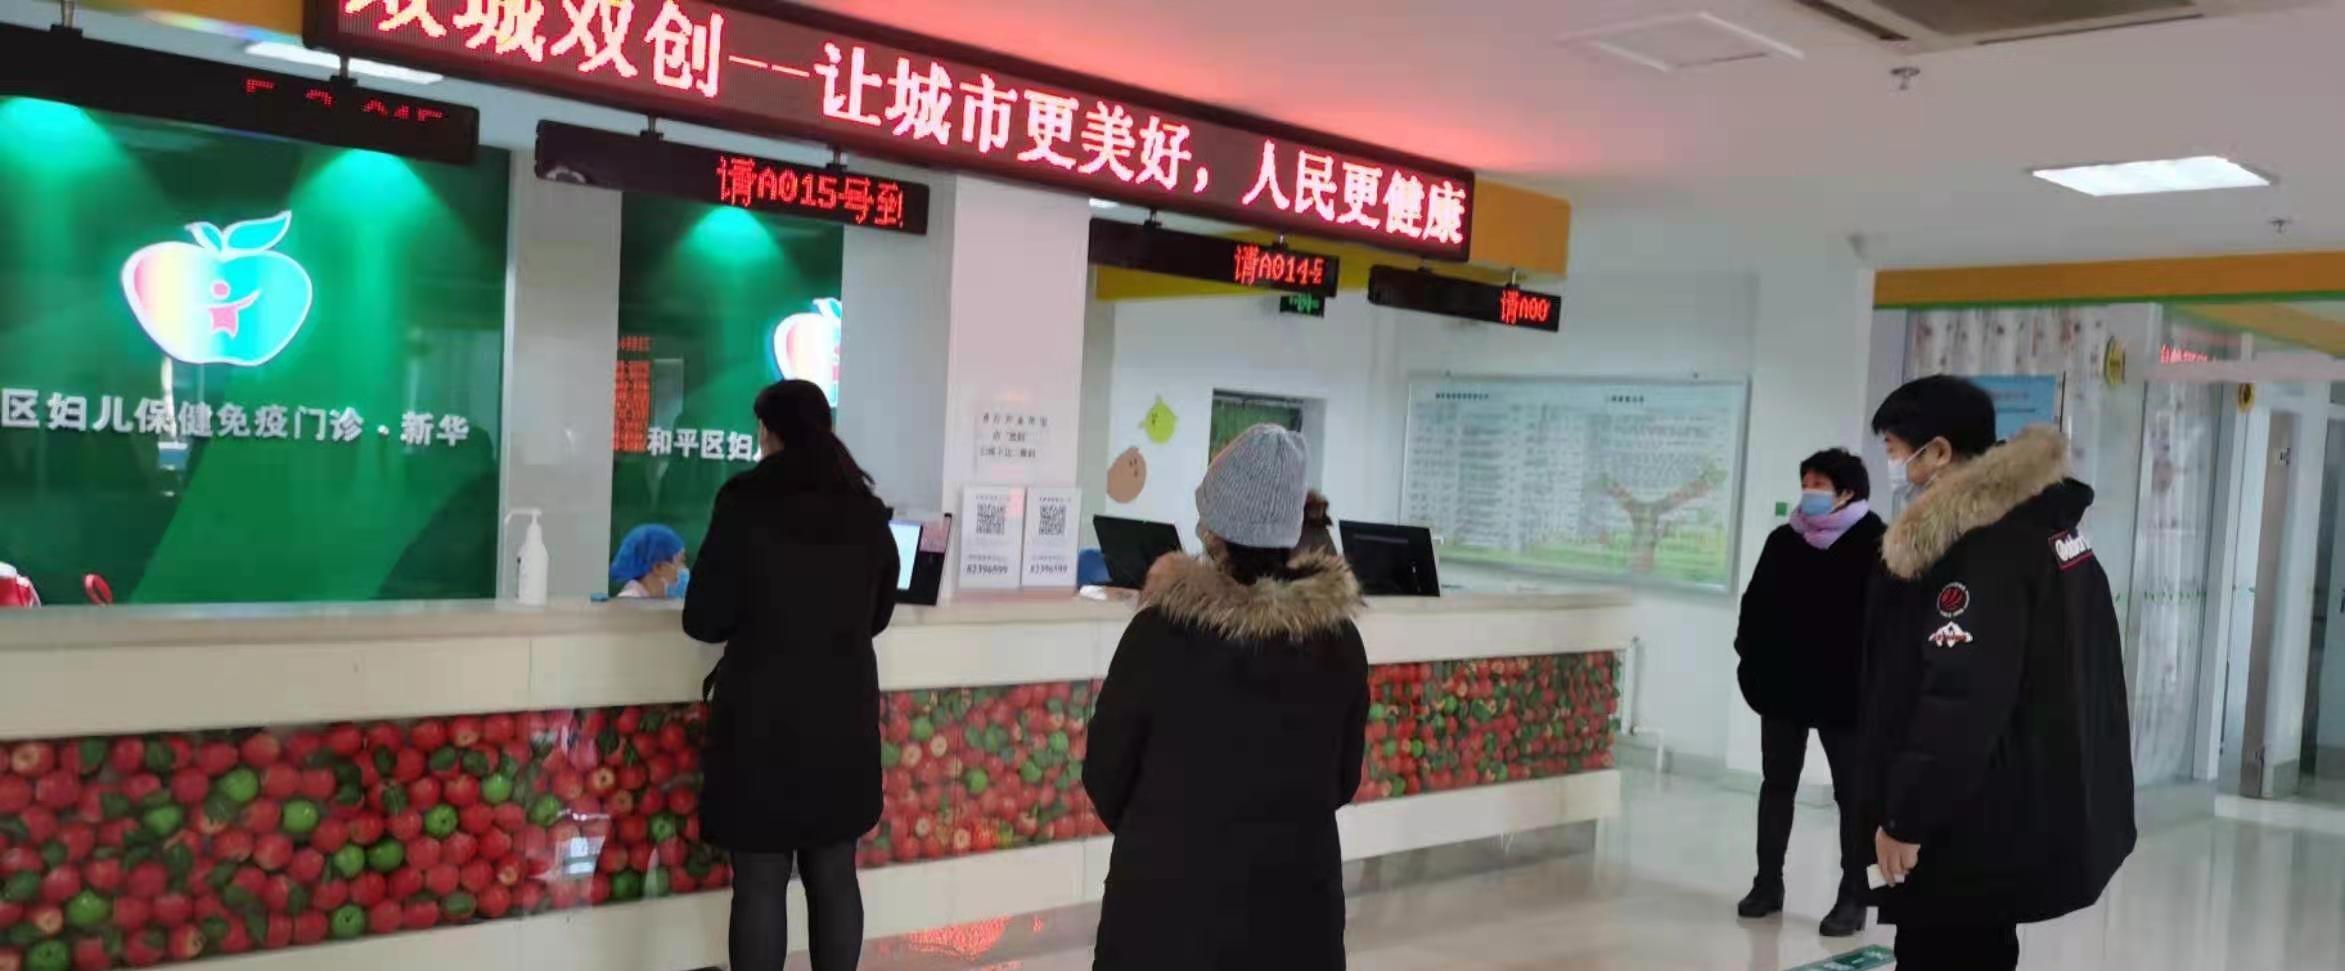 辽宁对基层医疗机构疫情防控和新冠疫苗预防接种工作进行专项整治